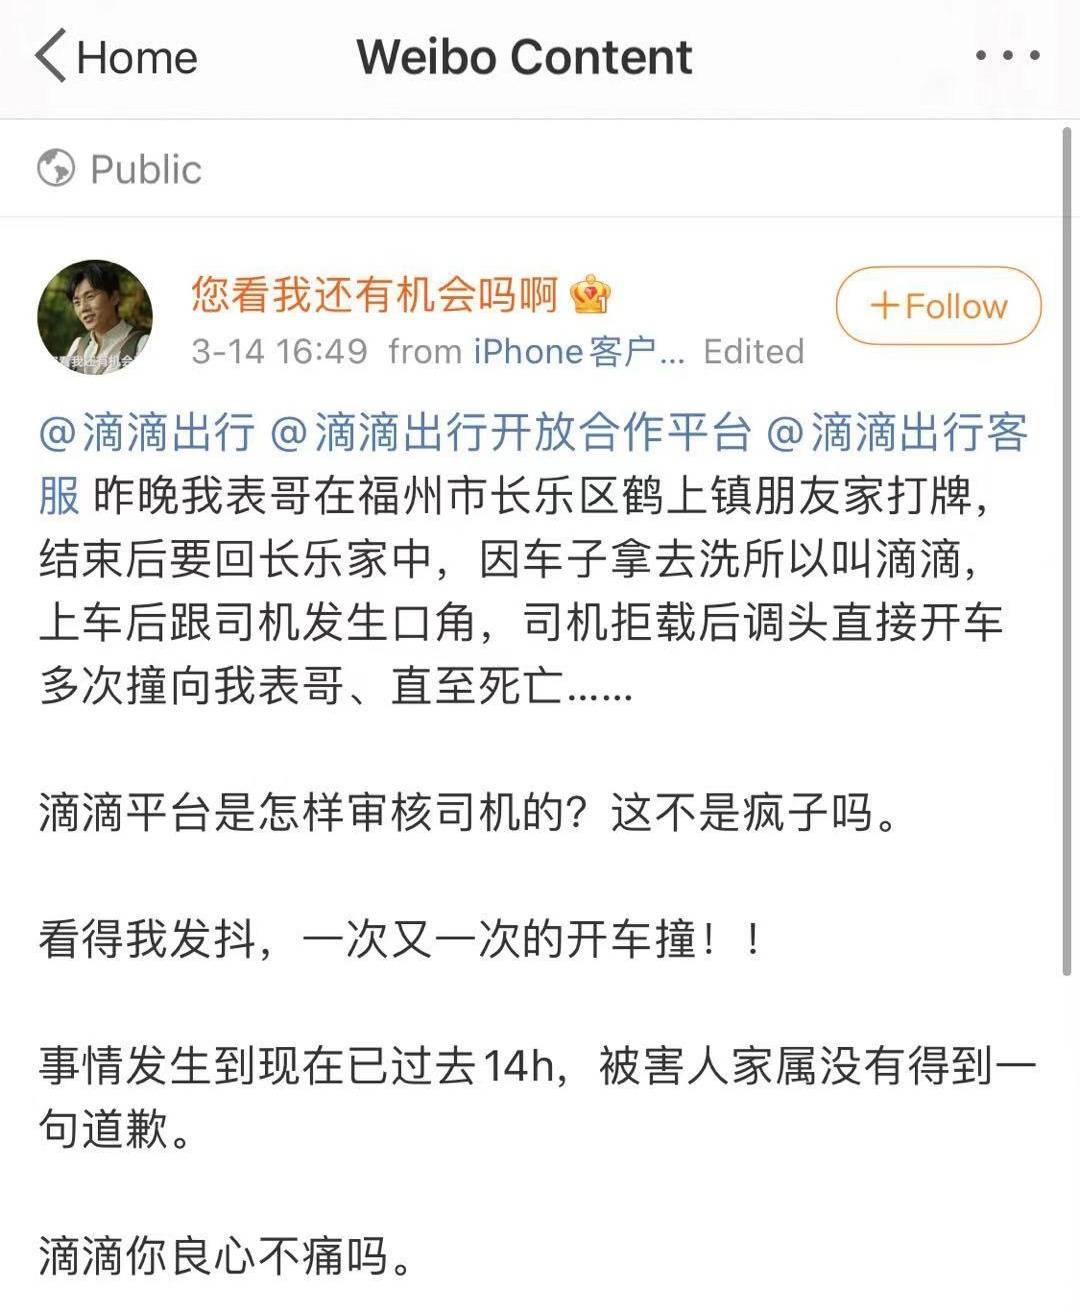 福州滴滴司机撞击乘客致死最新消息 被滴滴司机撞死乘客家属发声